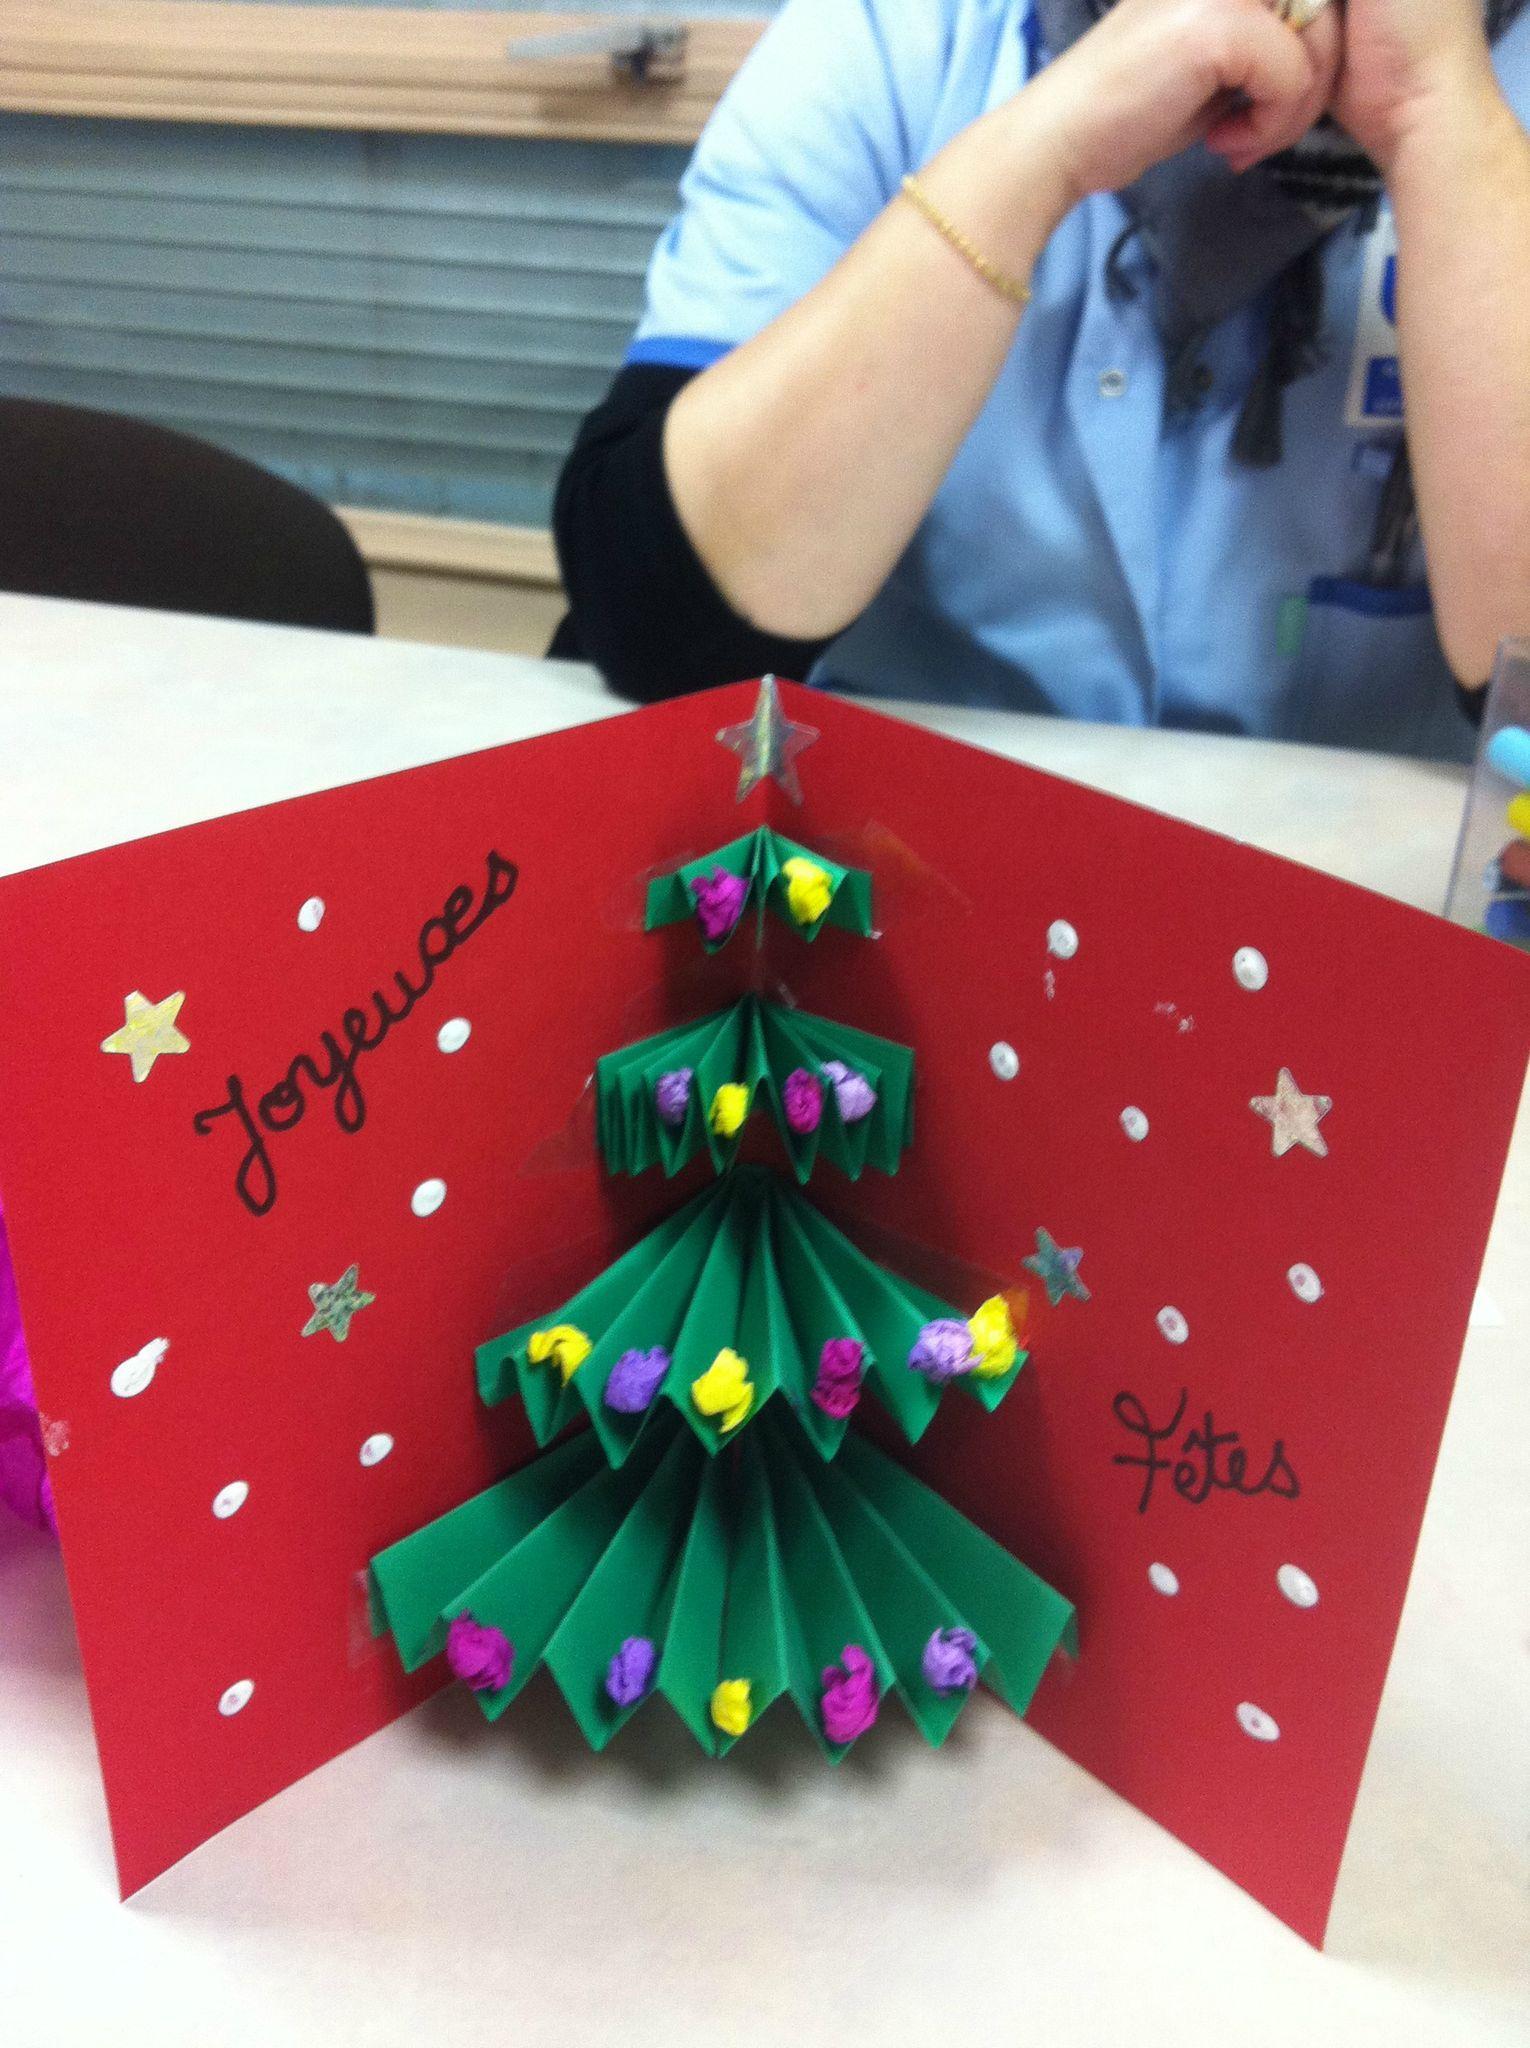 Les Cartes De Noel - Mon Scrap A Moi    Cartes De Noël À intérieur Cartes De Noel Maternelle